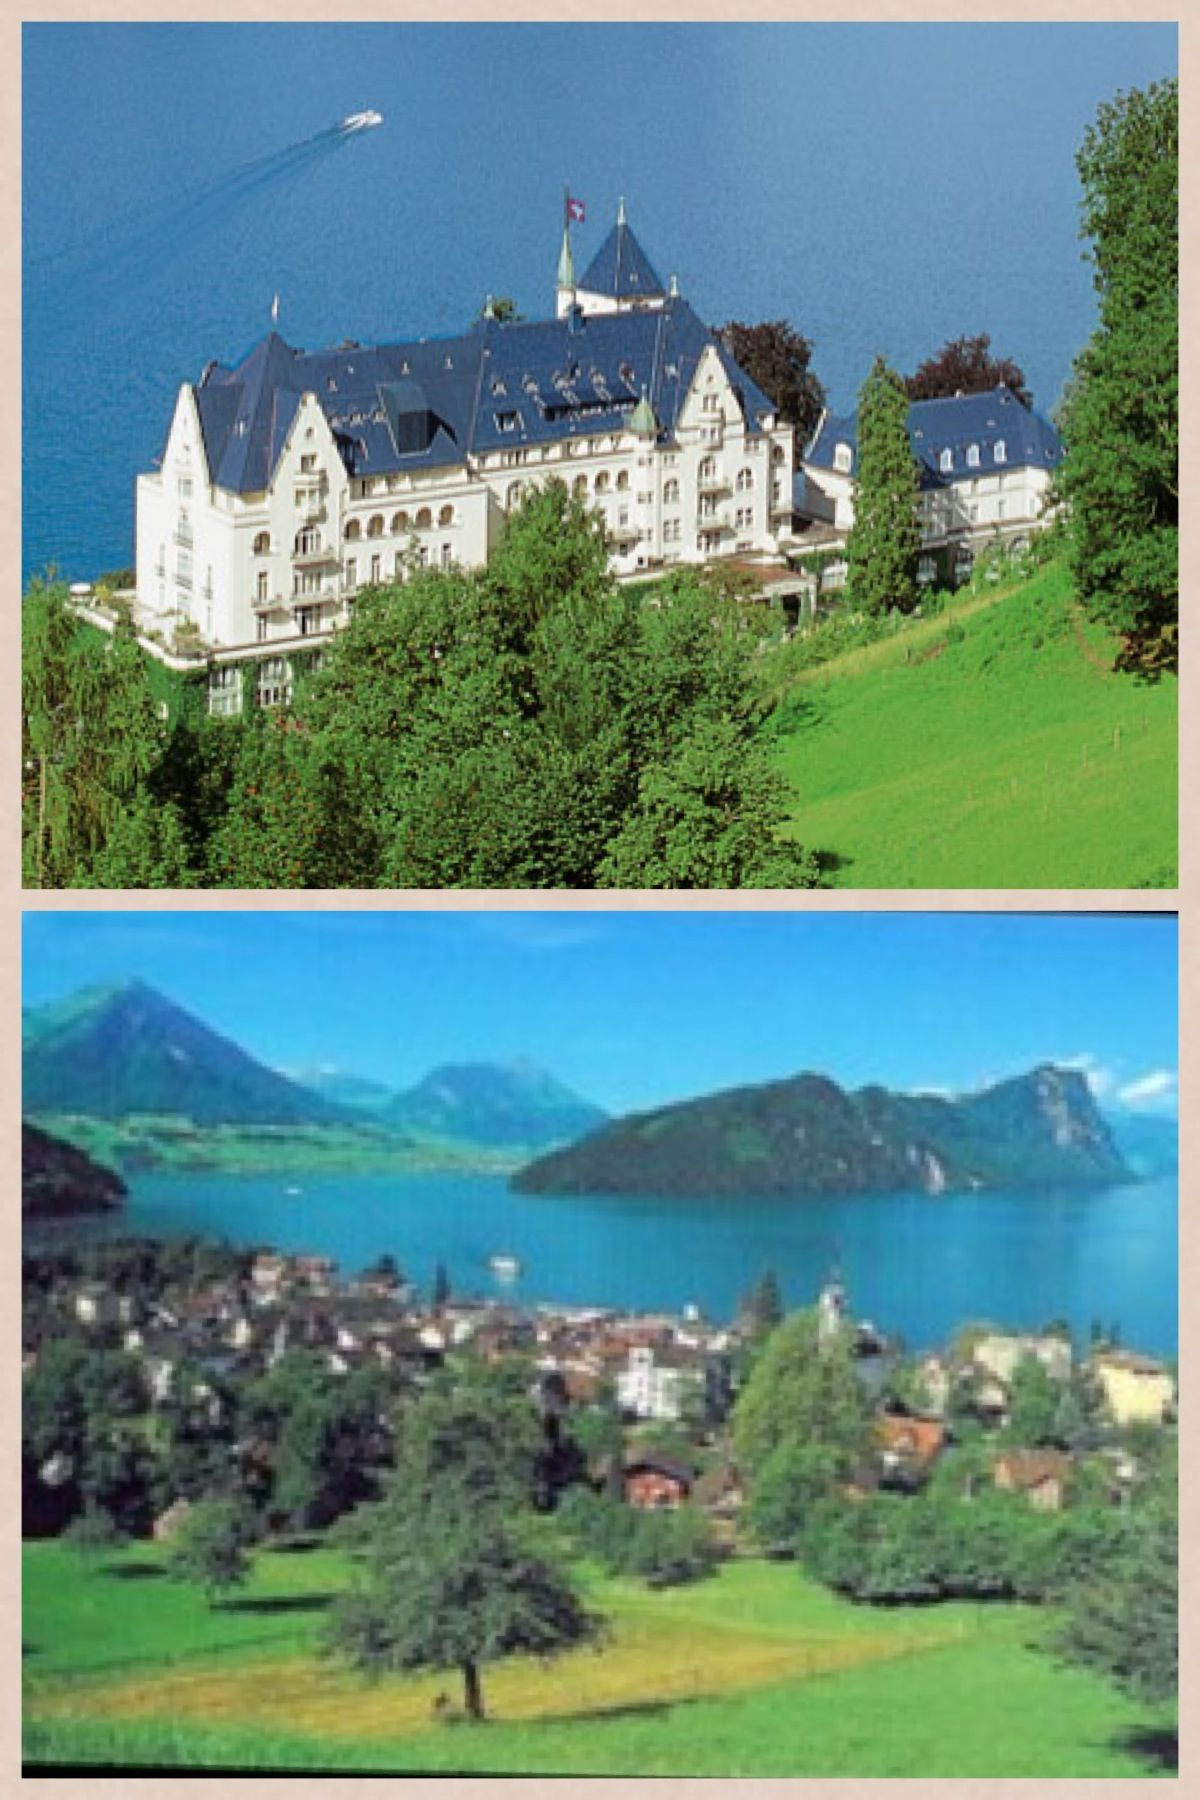 Park Hotel, Vitznau Lake Lucerne, Switzerland